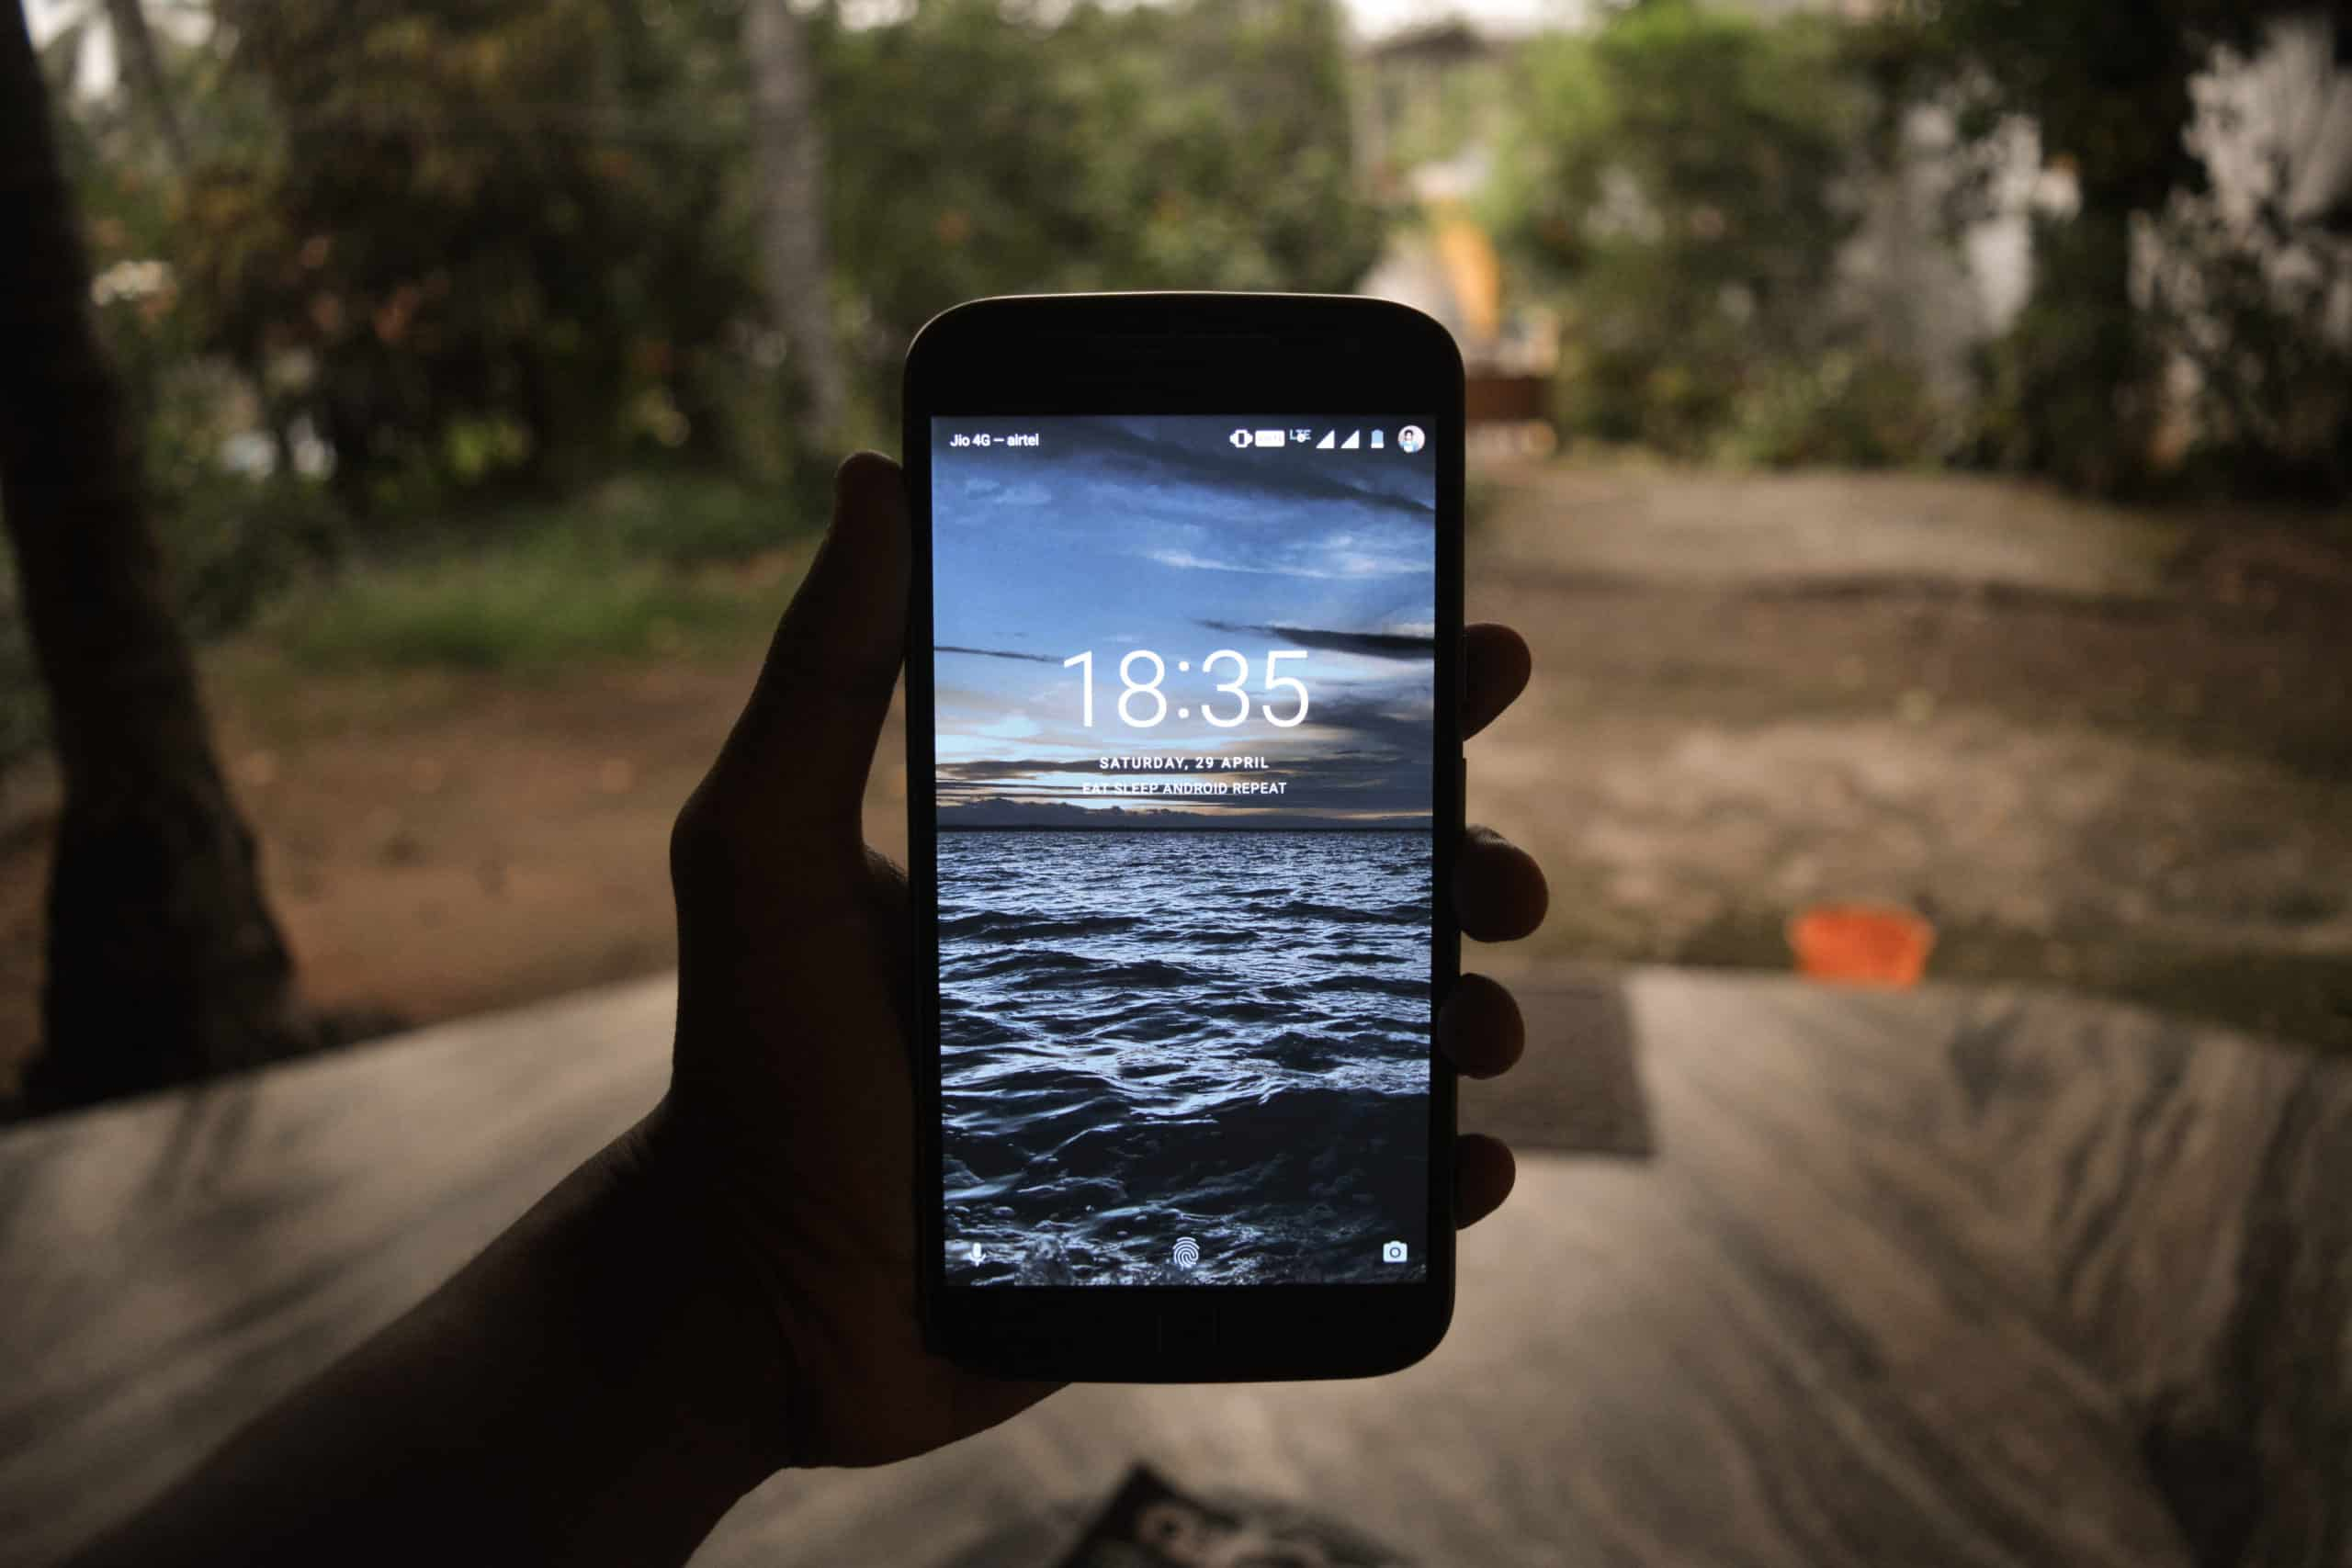 Best Lock Screen Apps for Getting MorBest Lock Screen Apps for Getting More Information on Your Phone - Hi Locker Ae Information on Your Phone